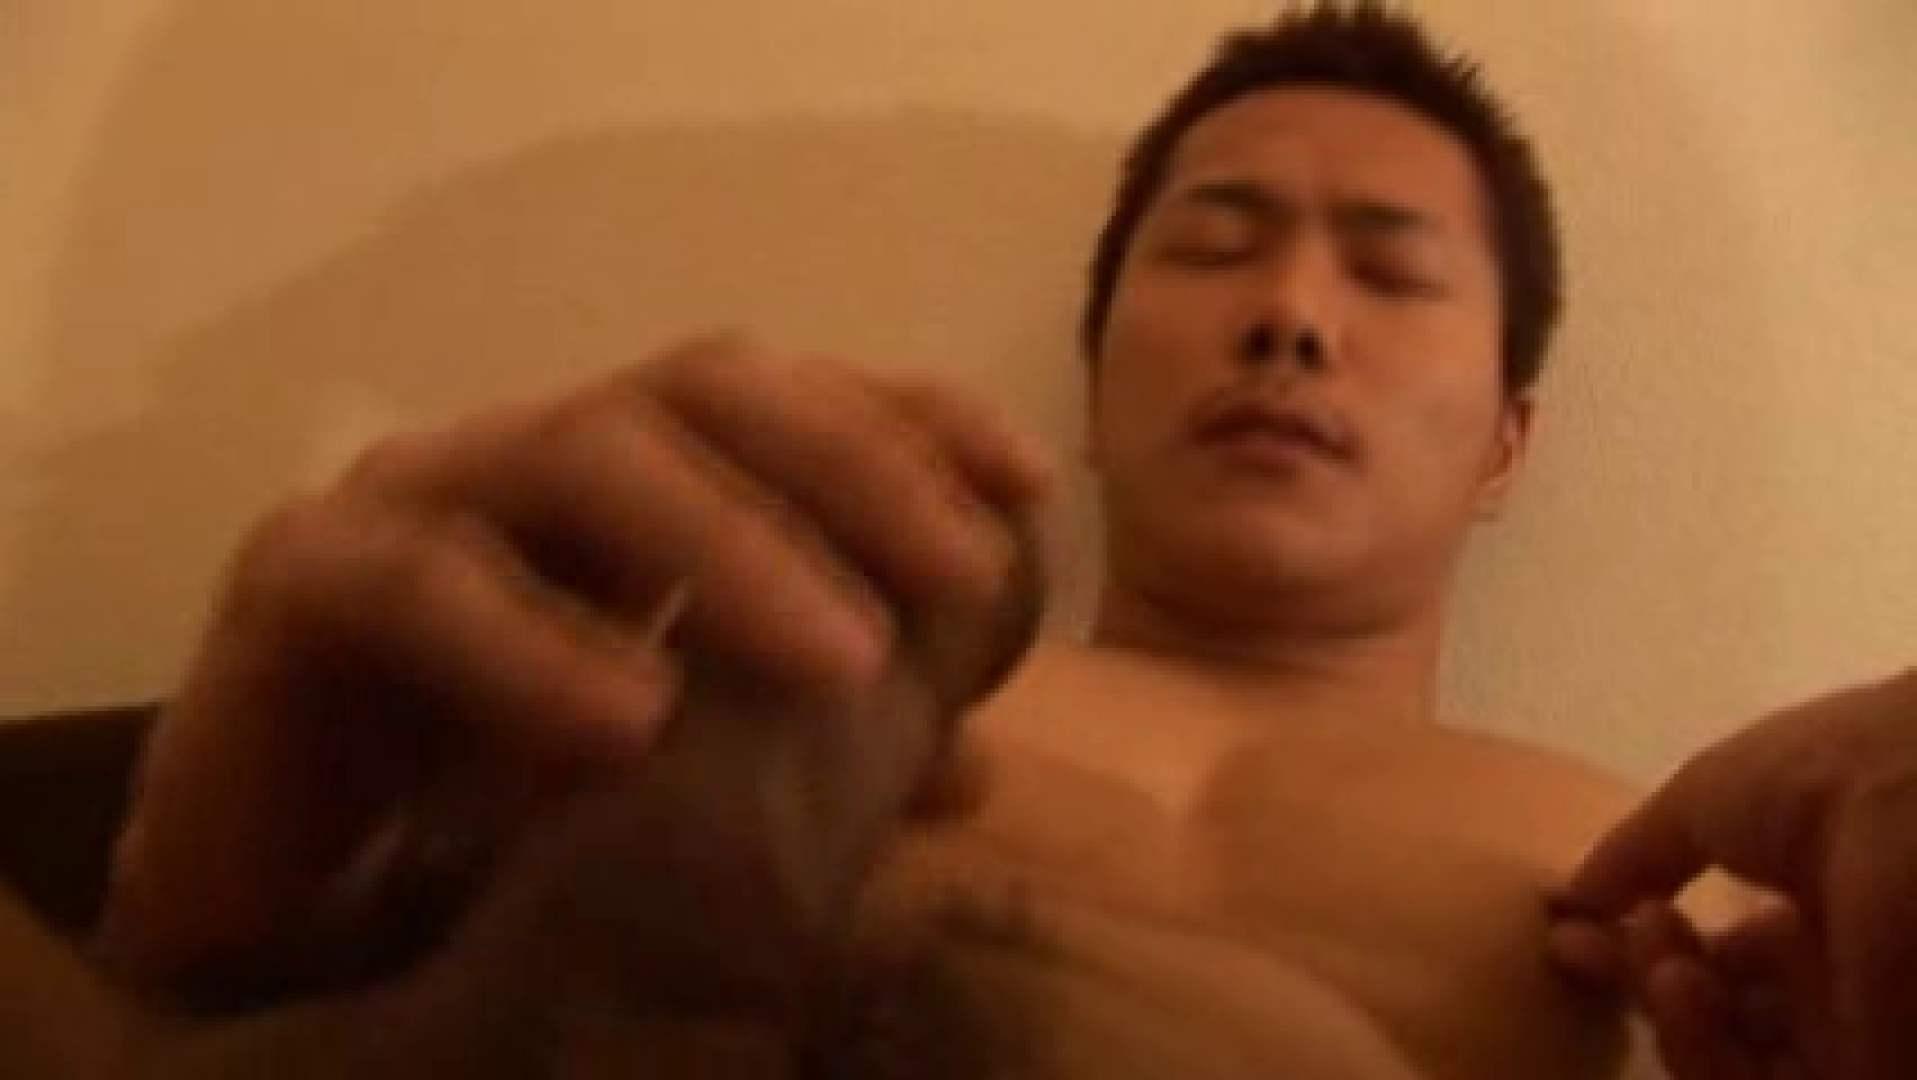 イケメン!!炸裂 Muscle  Stick!! その3 モザイク無し ゲイモロ画像 100pic 28